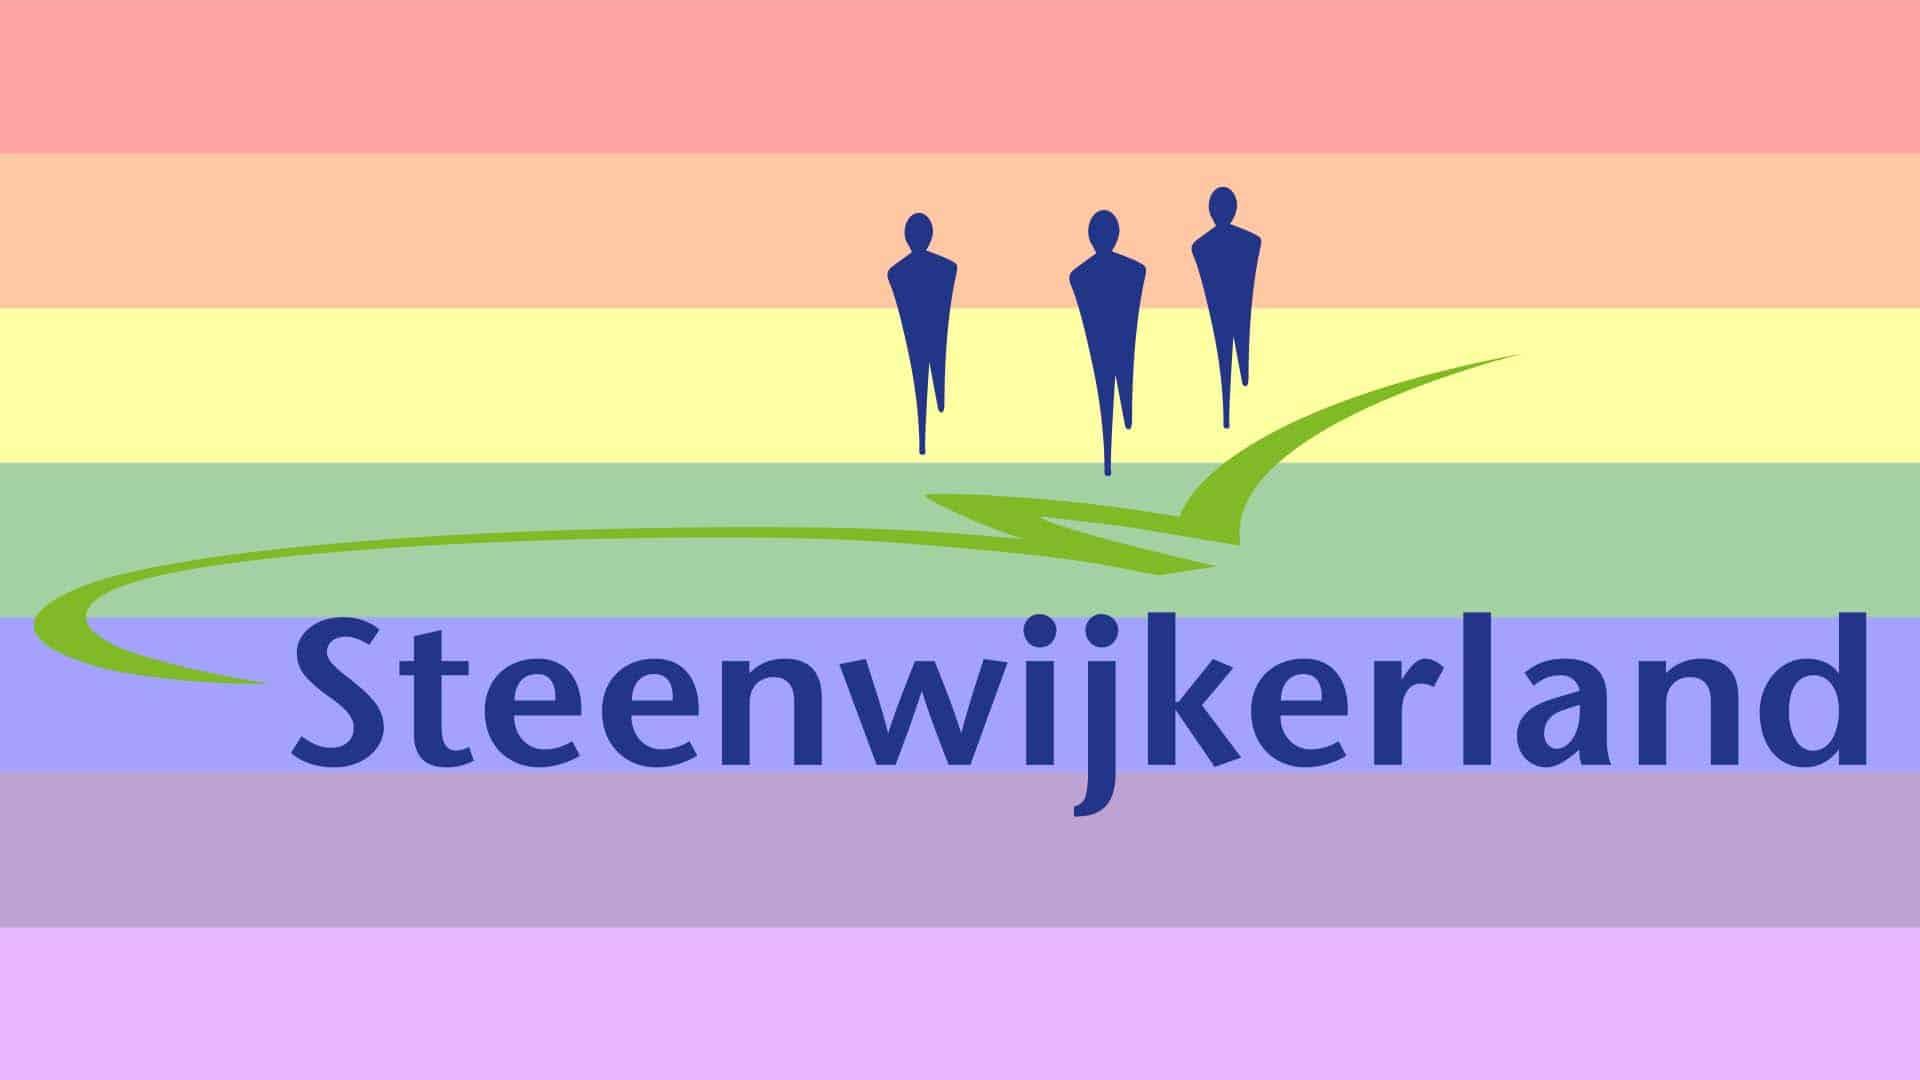 regenboog-gemeente-steenwijkerland